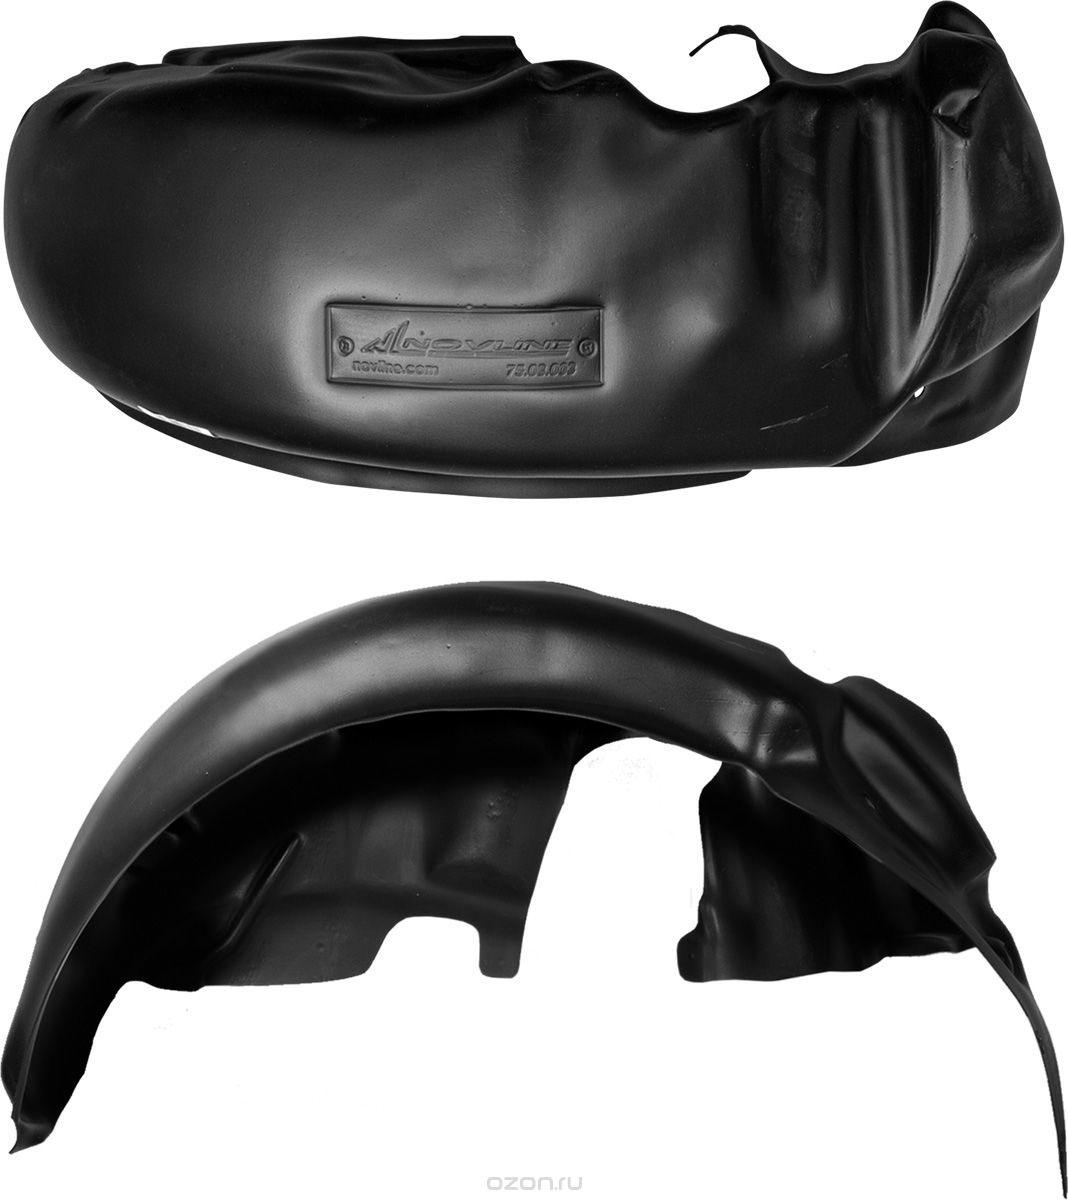 Подкрылок Novline-Autofamily, для Hyundai Solaris, 2017->, седан, передний правыйNLL.20.48.002Идеальная защита колесной ниши. Локеры разработаны с применением цифровых технологий, гарантируют максимальную повторяемость поверхности арки. Изделия устанавливаются без нарушения лакокрасочного покрытия автомобиля, каждый подкрылок комплектуется крепежом. Уважаемые клиенты, обращаем ваше внимание, что фотографии на подкрылки универсальные и не отражают реальную форму изделия. При этом само изделие идет точно под размер указанного автомобиля.